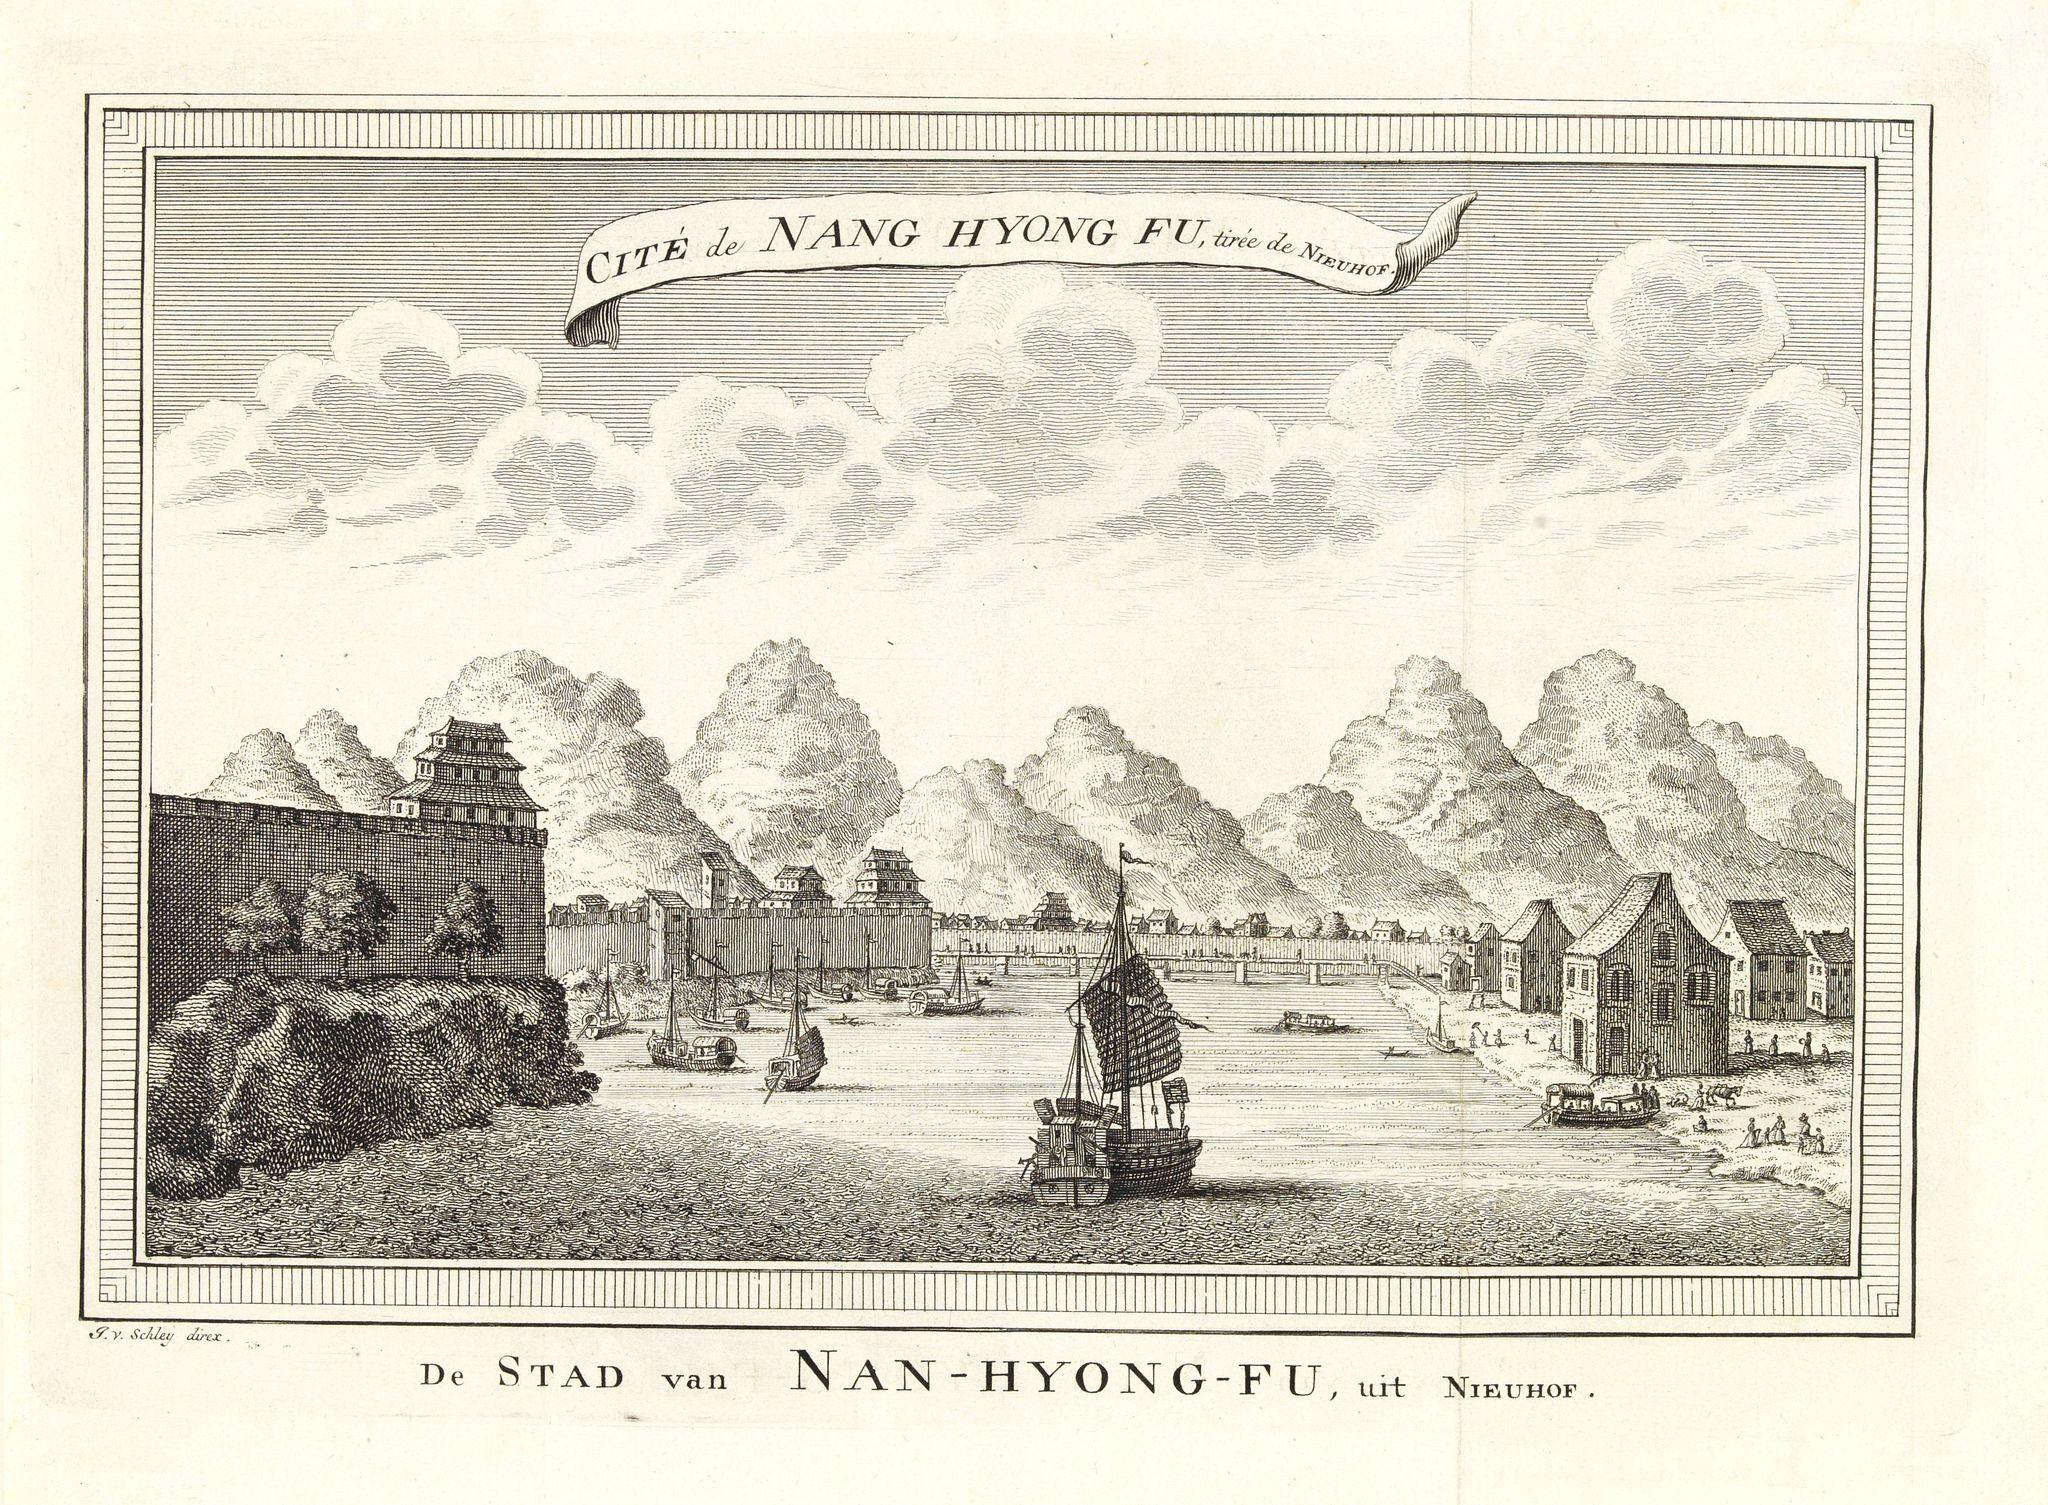 BELLIN, J.N. -  Cité de Nang Hyong Fu, tiree the Nieuhof. De Stad van Nan-Hyong-Fu, uit Nieuhof.